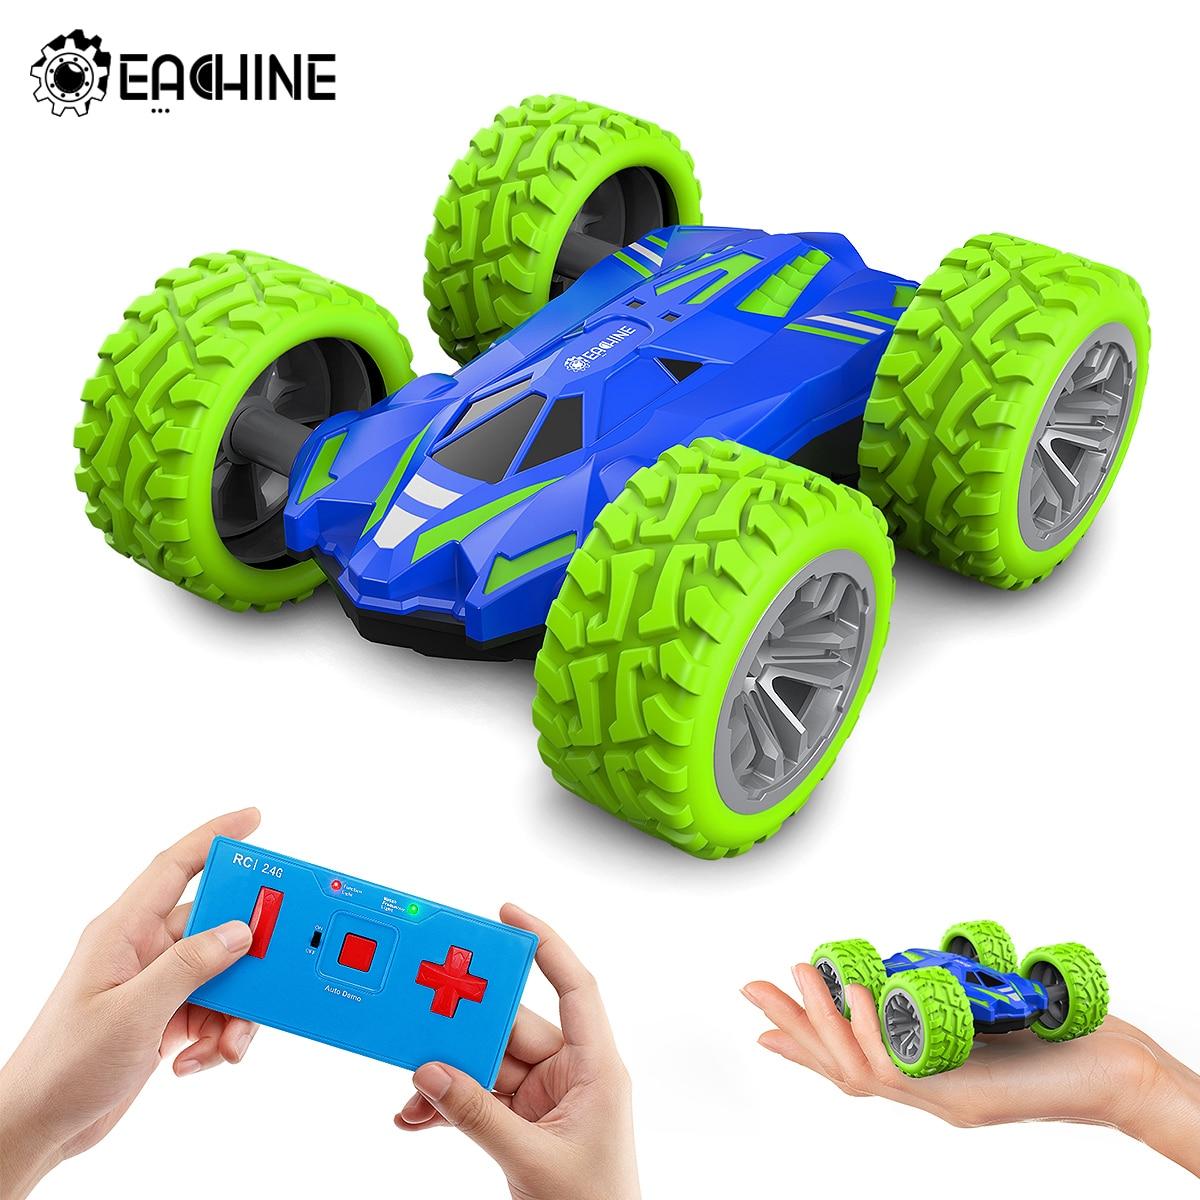 Eachine ec07 RC Car 2.4G 4CH Stunt Drift Deformation Remote Control Rock Crawler Roll Flip Kids Robo